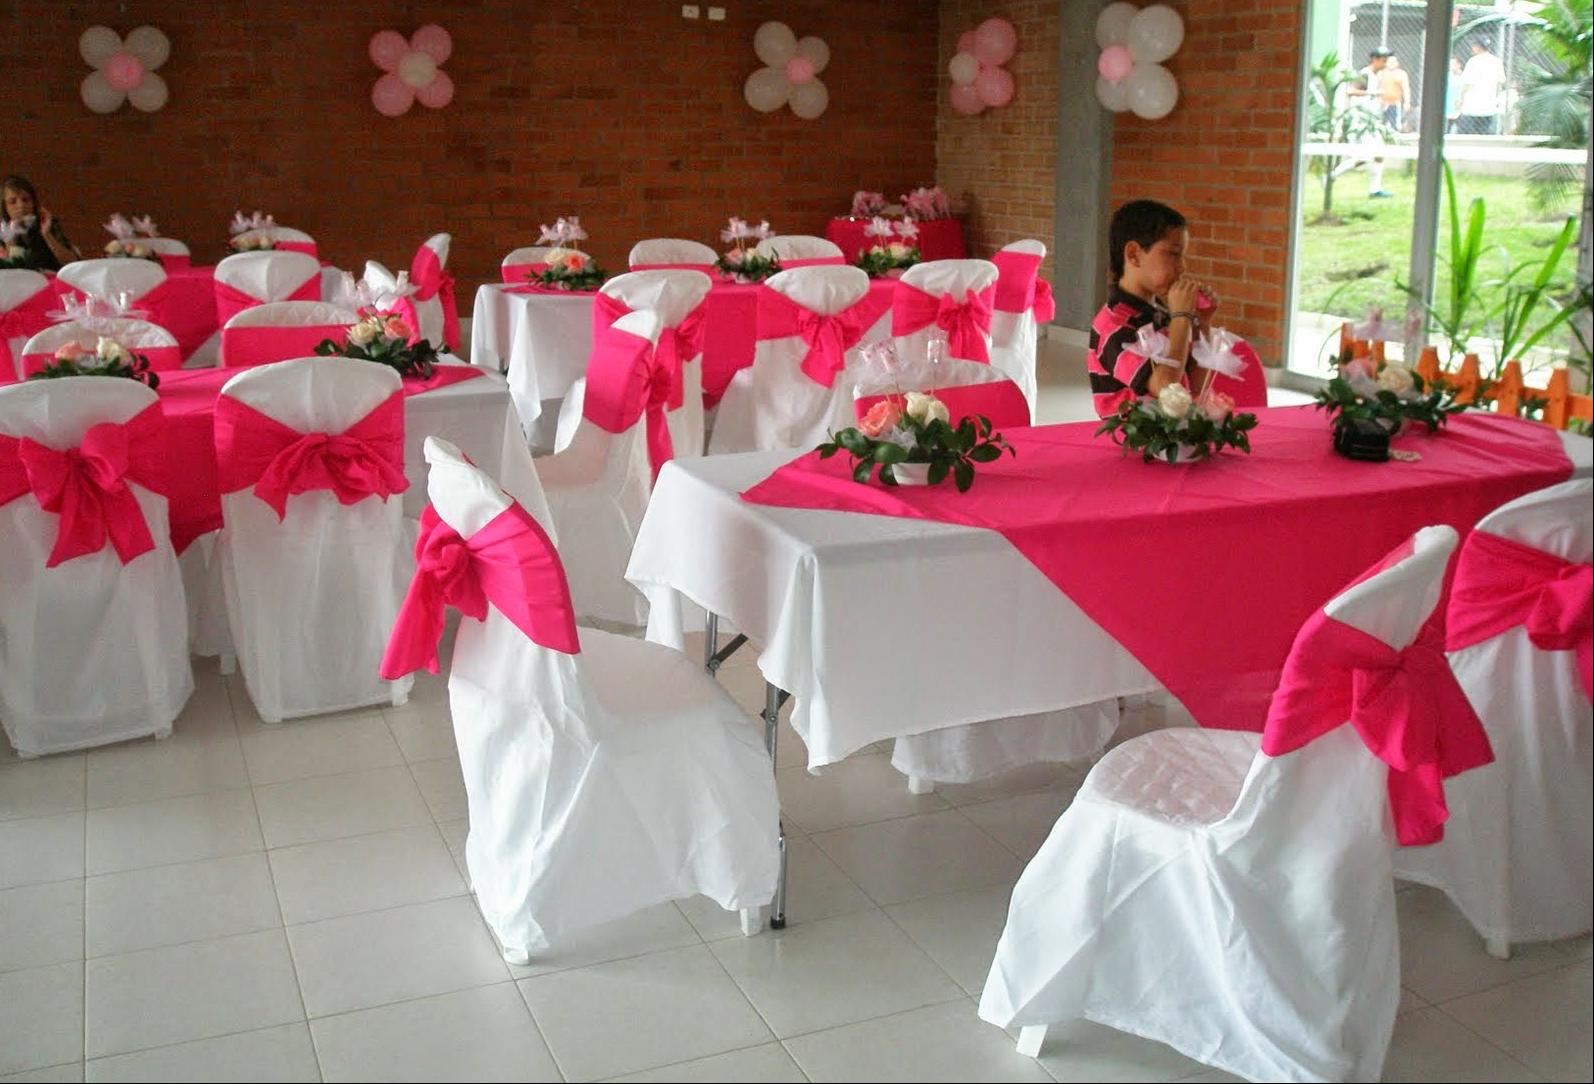 Brincolinas mi alegria renta de todo para tu fiesta - Manteles mesas grandes ...